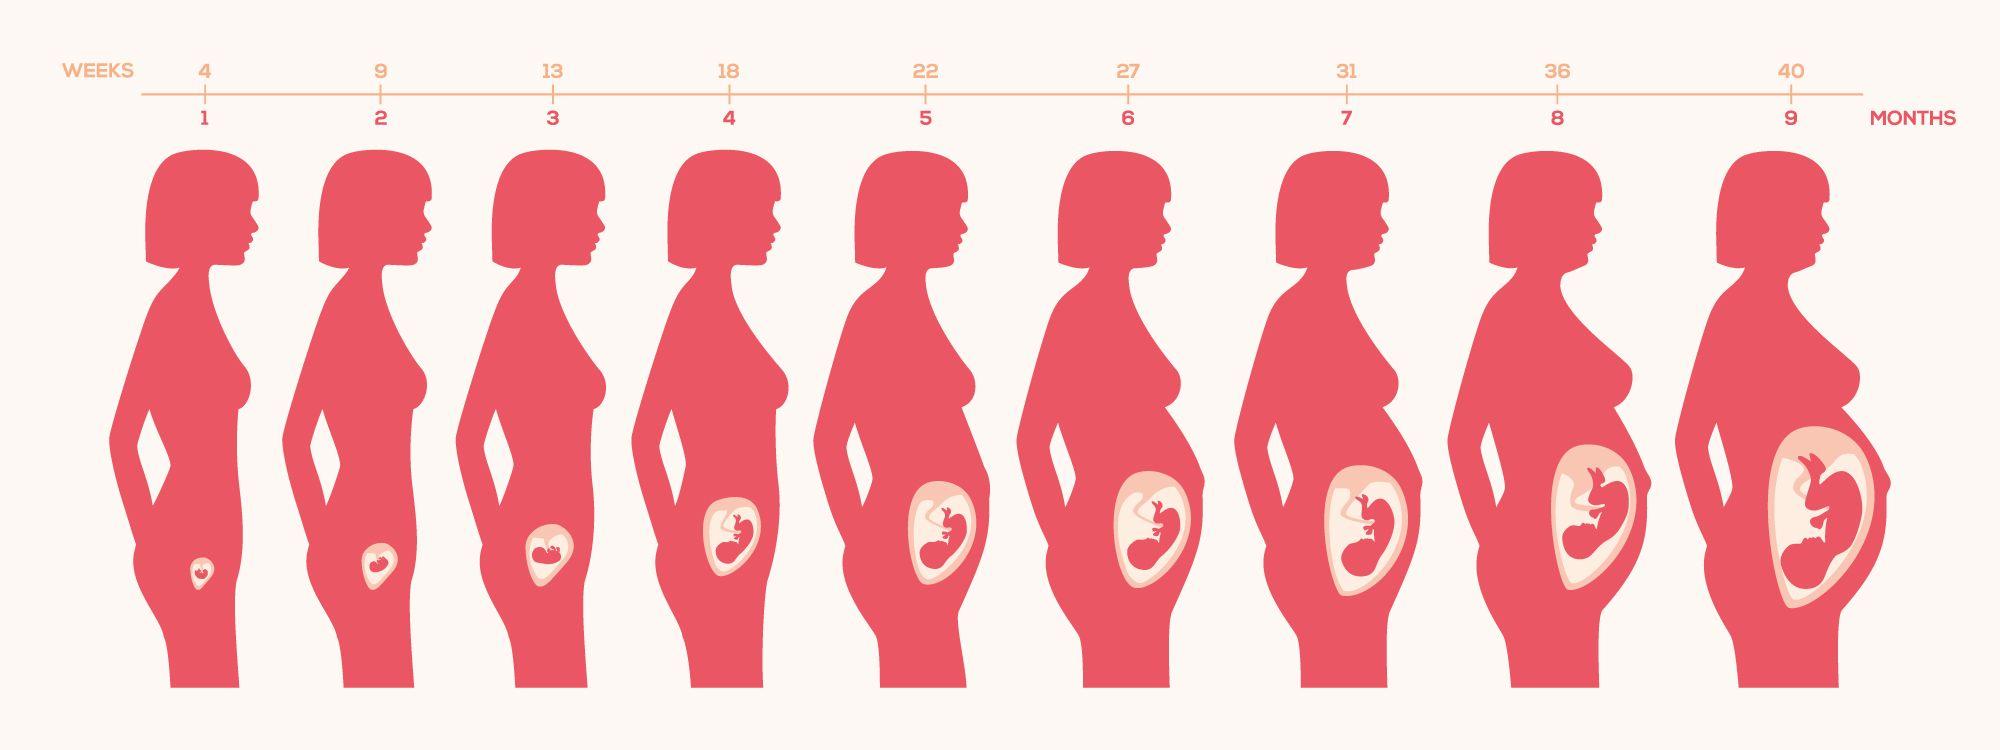 Para saber las semanas de embarazo